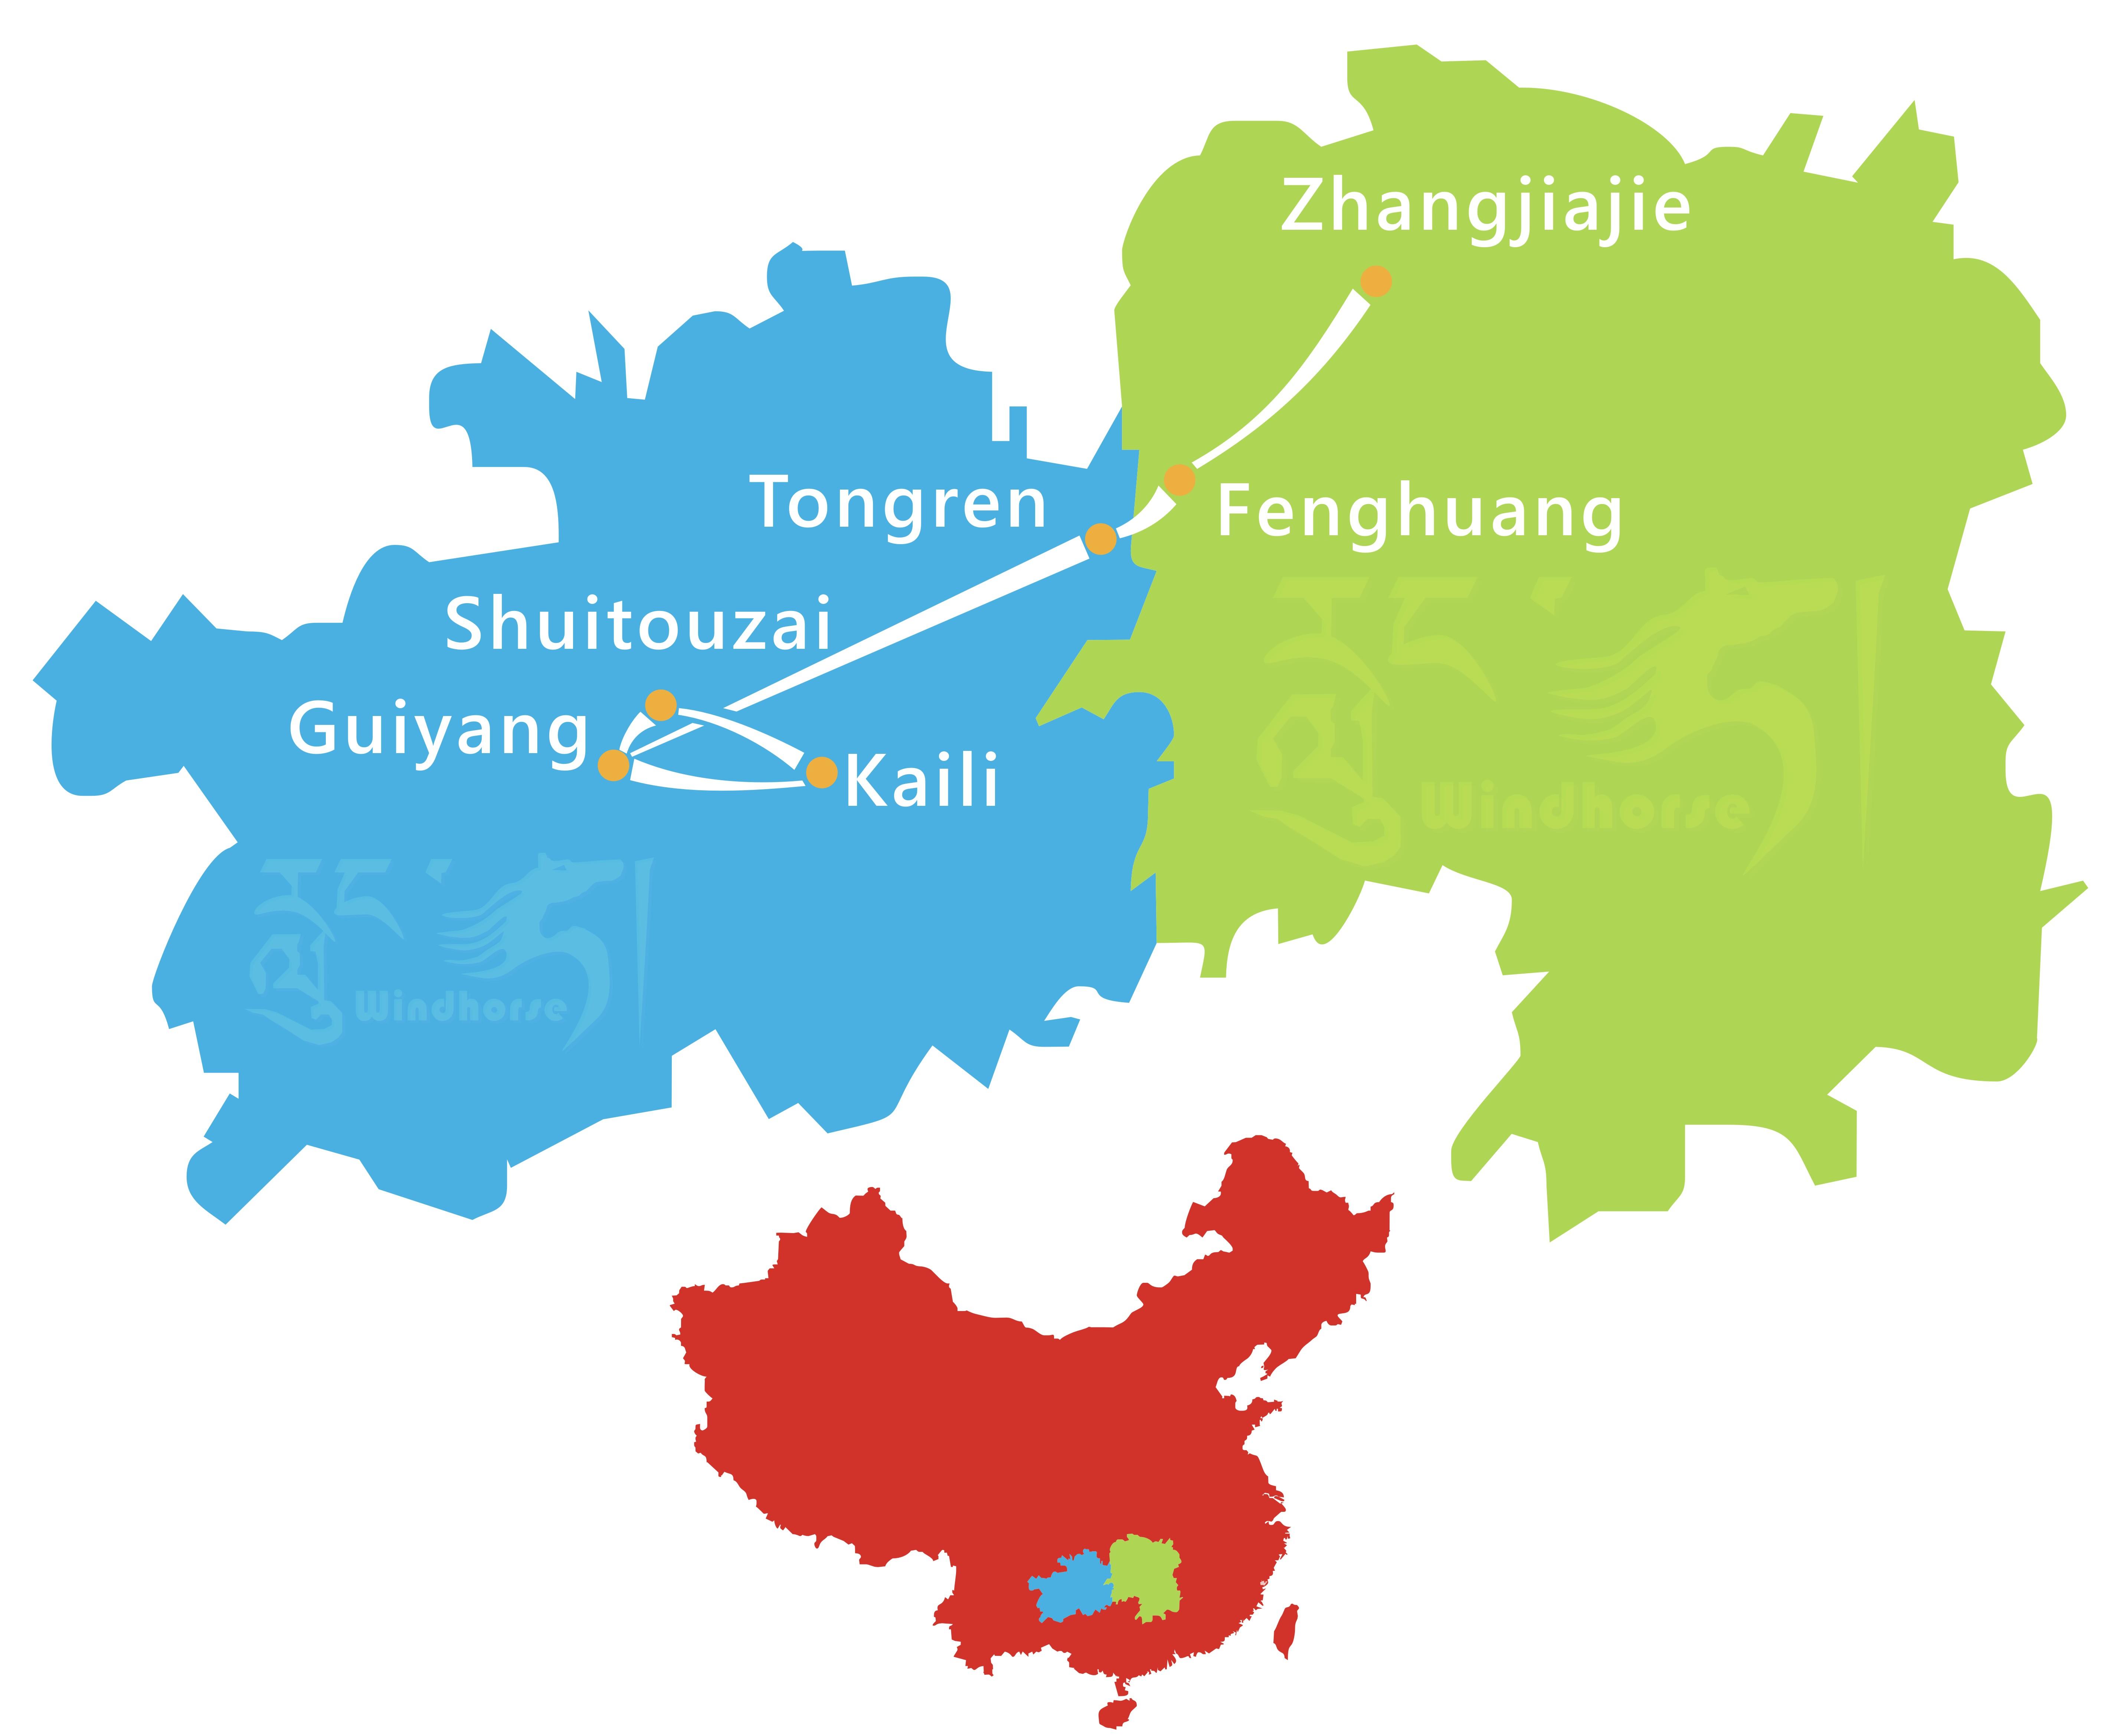 Guizhou Zhangjiajie Tour Route